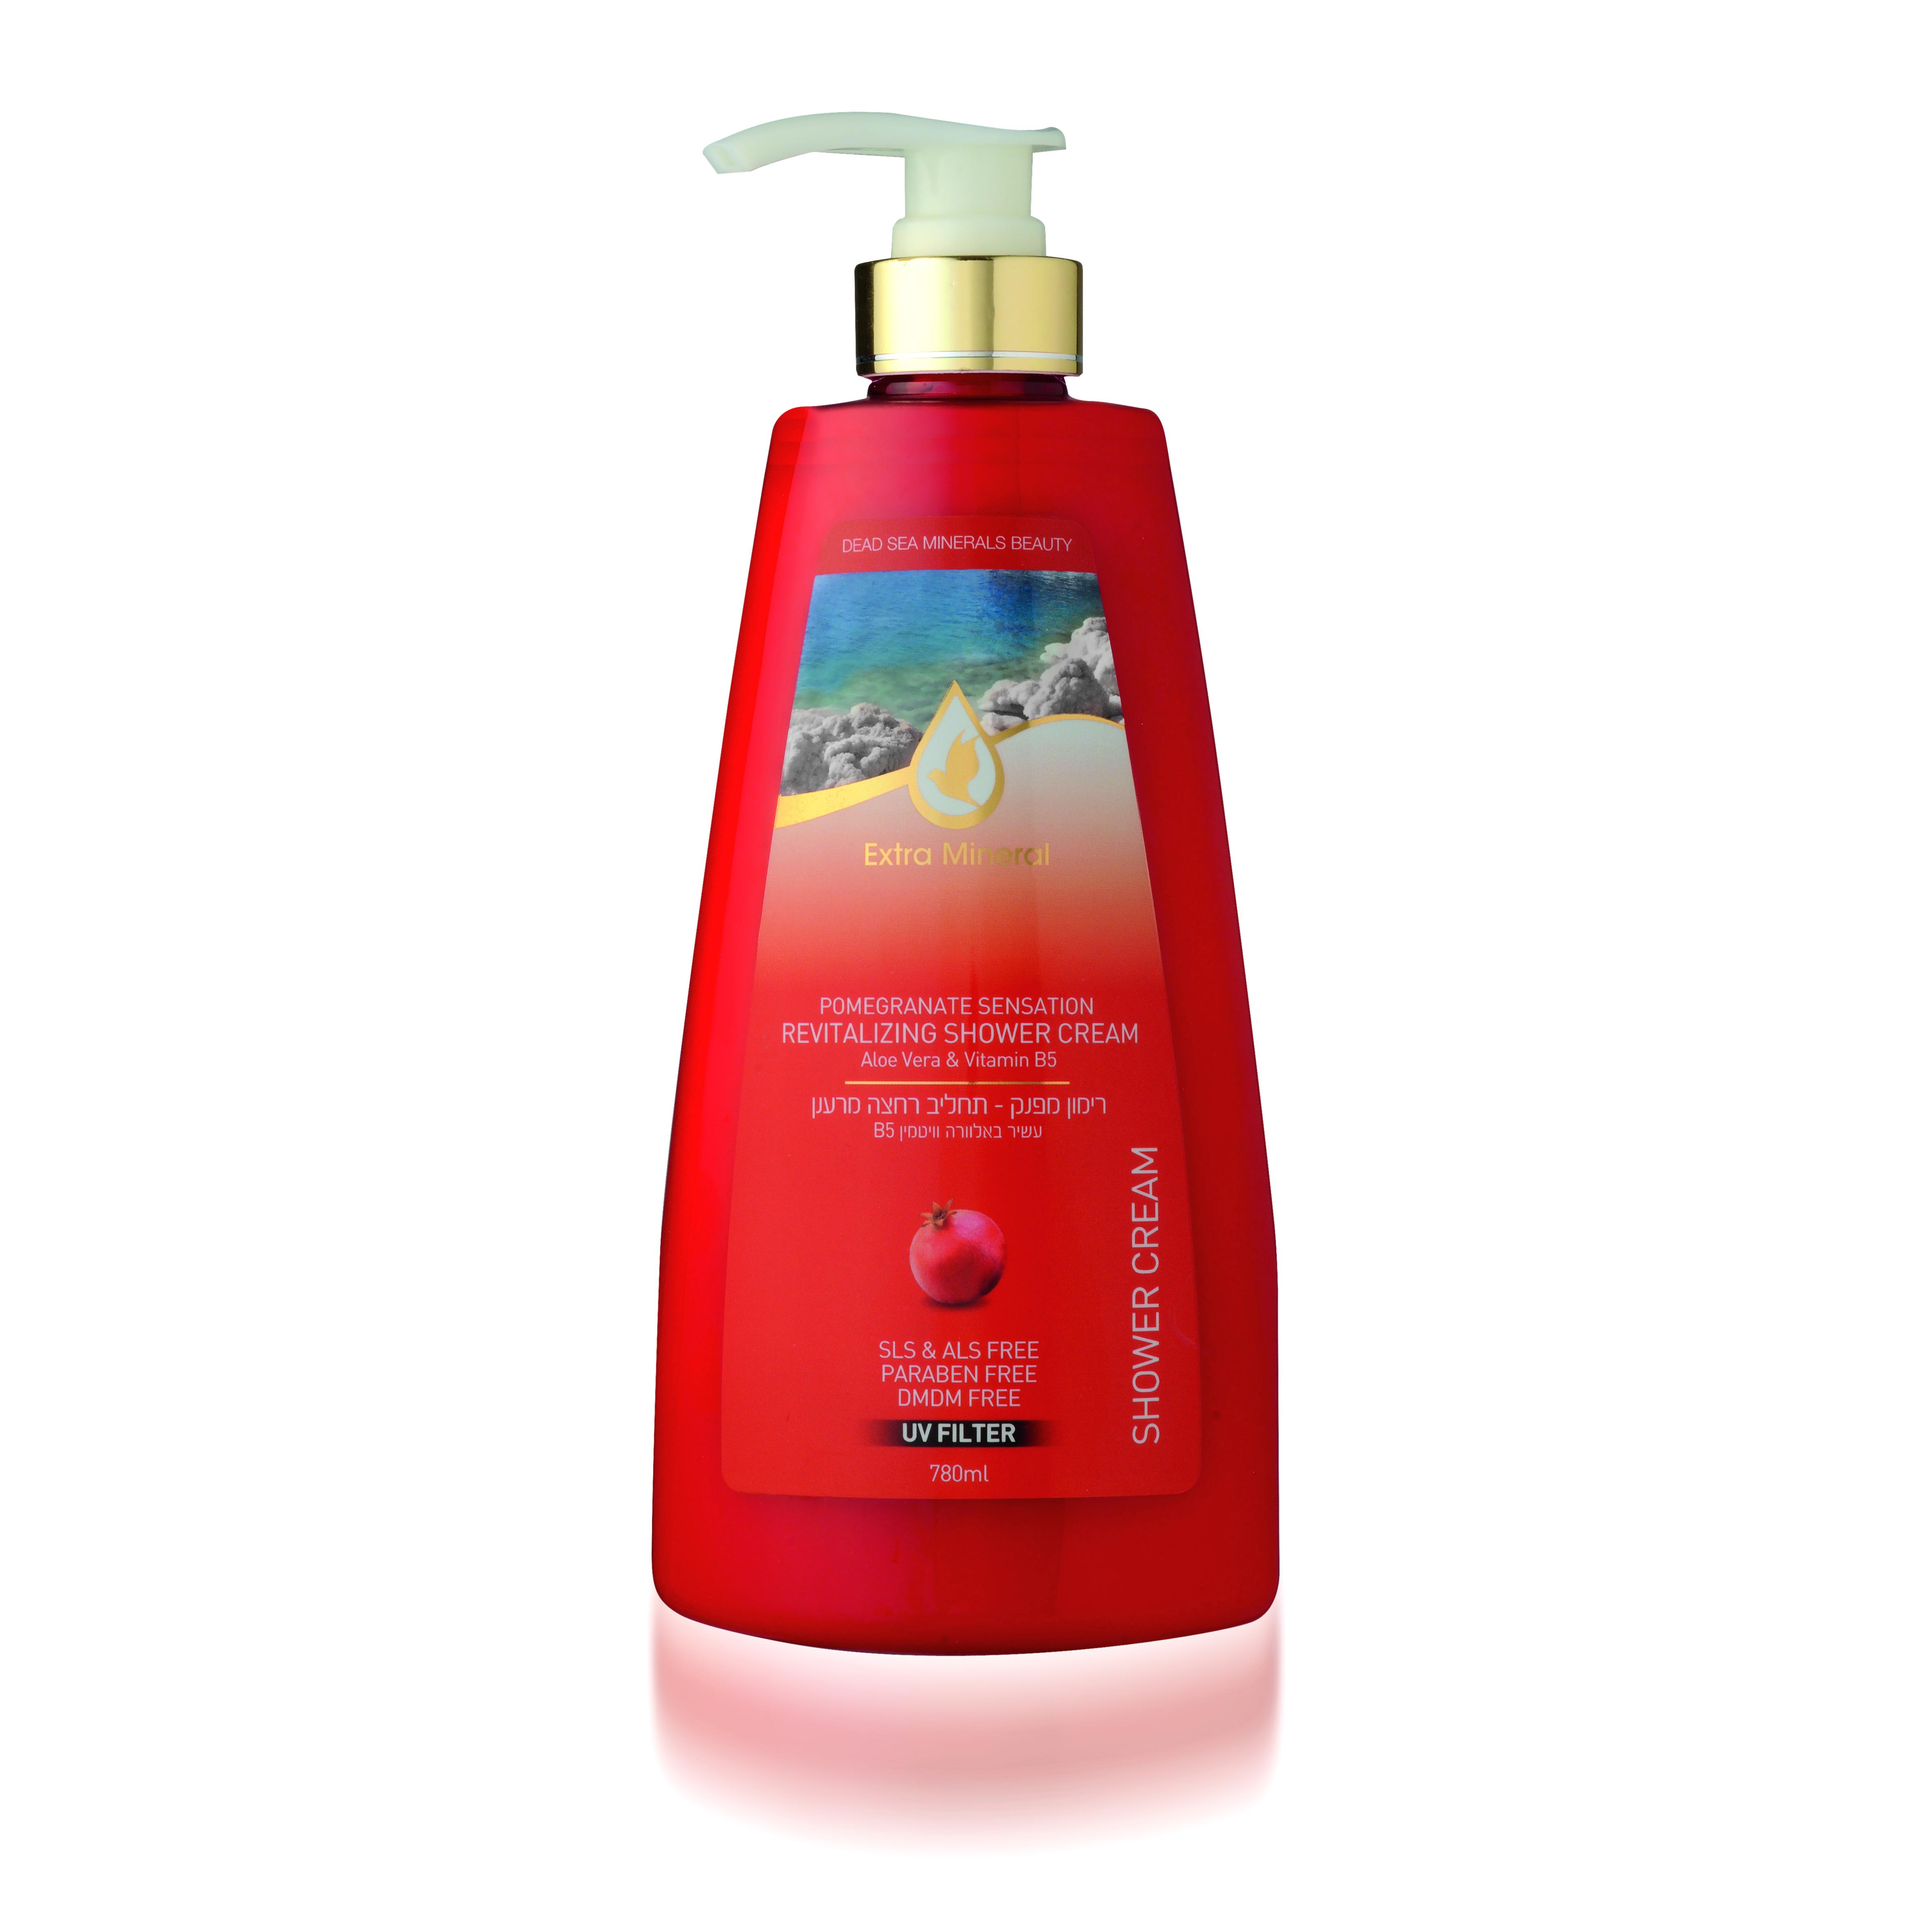 Extra Mineral Восстанавливающий шампунь для поврежденных и окрашенных волос c экстрактом ганата 780 млFS-00897Шампунь Extra Mineral с экстрактом граната восстанавливающий. Содержит экстракт граната, экстракт алоэ вера, витамин B5. Обогащен минералами Мертвого моря. В составе содержит UV-фильтр, который защищает волосы от ультра-фиолетовых лучей, очищает волосы от соли, хлора и песка, восстанавливает баланс кожи головы.Волшебное сочетание компонентов благотворно влияет на волосы и кожу головы, защищает, увлажняет, питает волосы, делая их шелковистыми. Шампунь имеет явно выраженный восстановительный эффект. Нежная легкая пена дает ощущение свежести. Вы сразу почувствуете, как волосы начинают дышать, а изысканный тонкий и легкий аромат Папайя не оставит вас равнодушным, что даст заряд бодрости и хорошего настроения на целый день! Благодаря активному действию минералов Мертвого моря волосы насыщаются необходимыми минералами и оздоравливаеются, улучшается их внешний вид; улучшается клеточный метаболизм кожи головы и лица, стимулируется синтез белка, повышается регенерация клеток. Минералы обладают сильными антиаллергенными свойствами и являются мощными антиоксидантами; повышается микроциркуляция крови, улучшается состояние кожи и подкожной клетчатки, волосы увлажняются и питаются, а кожа лица и головы омолаживается; оптимизируется оптимальный уровень Ph волос и кожи. Минералы Мертвого моря оказывают защитное действие от УФ-лучей. Рекомендовано для всех типов волос.